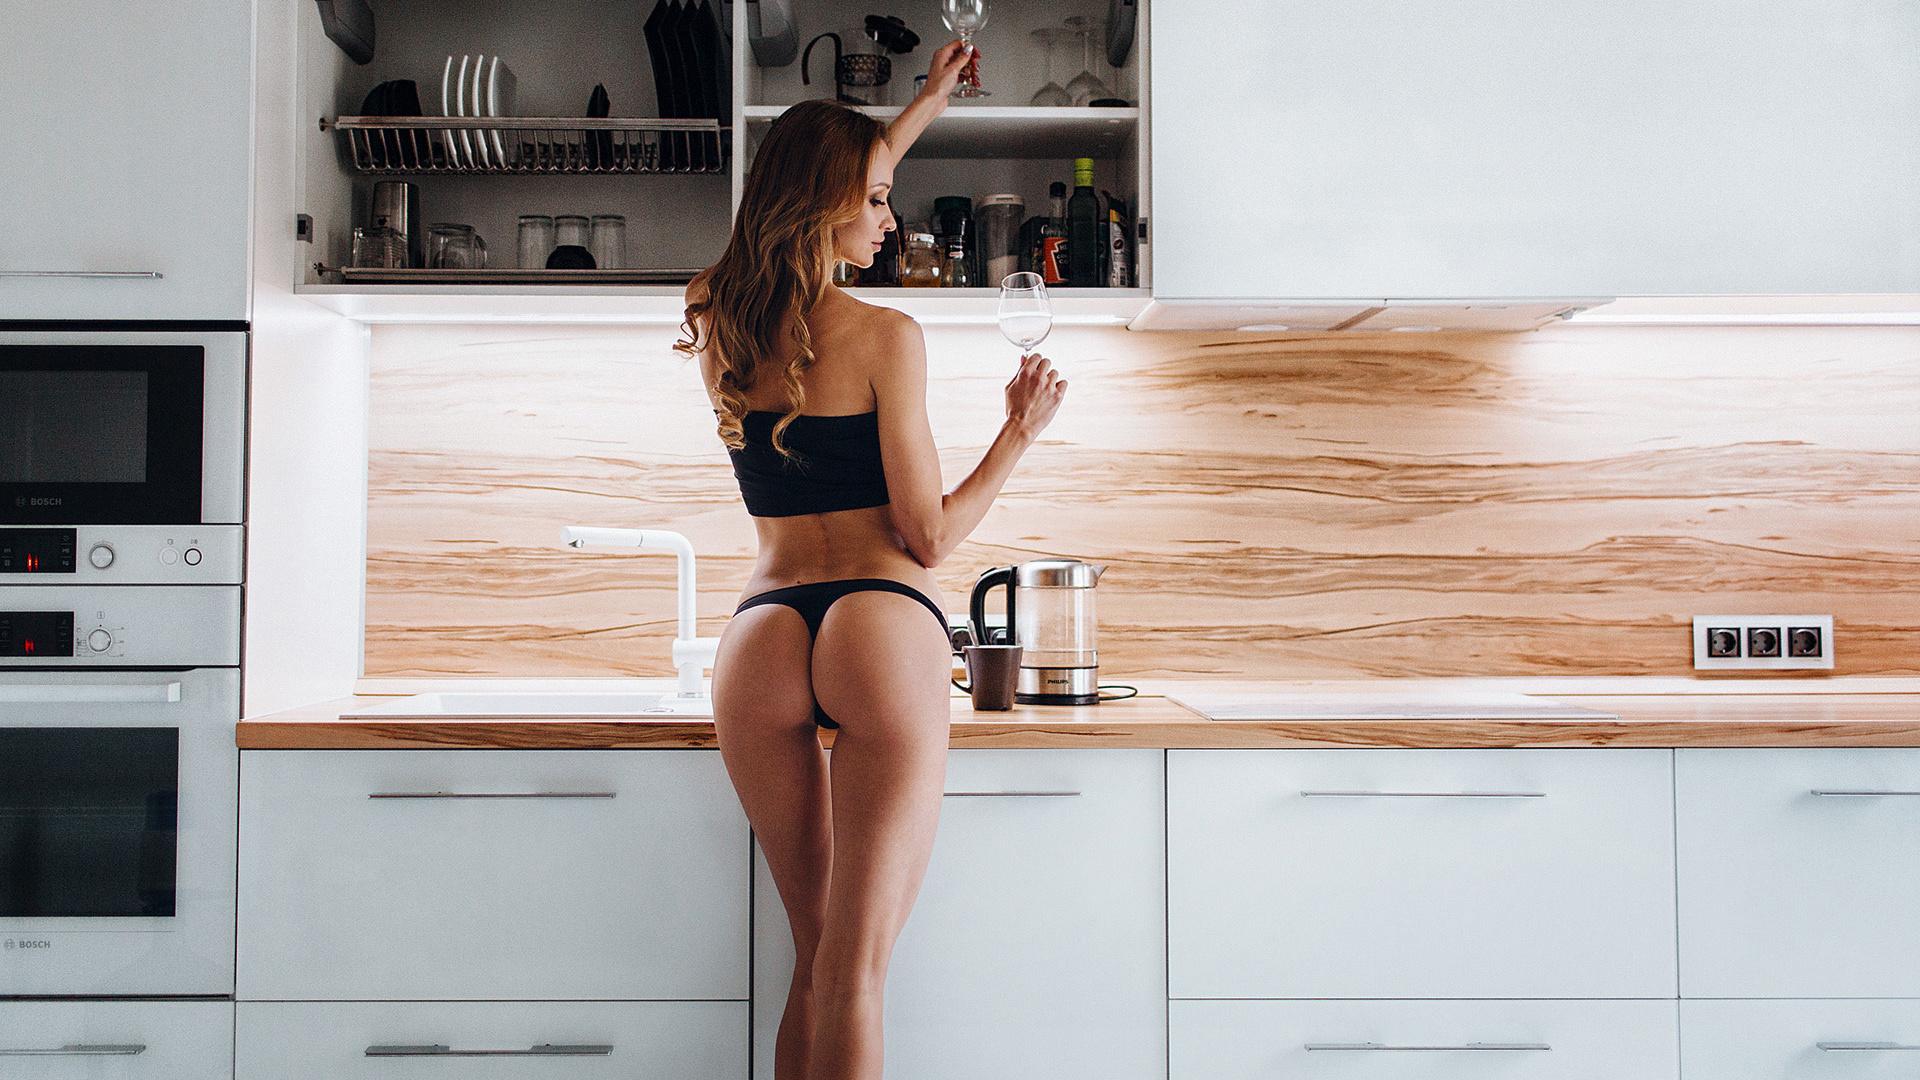 полуголые девушки на кухне милые